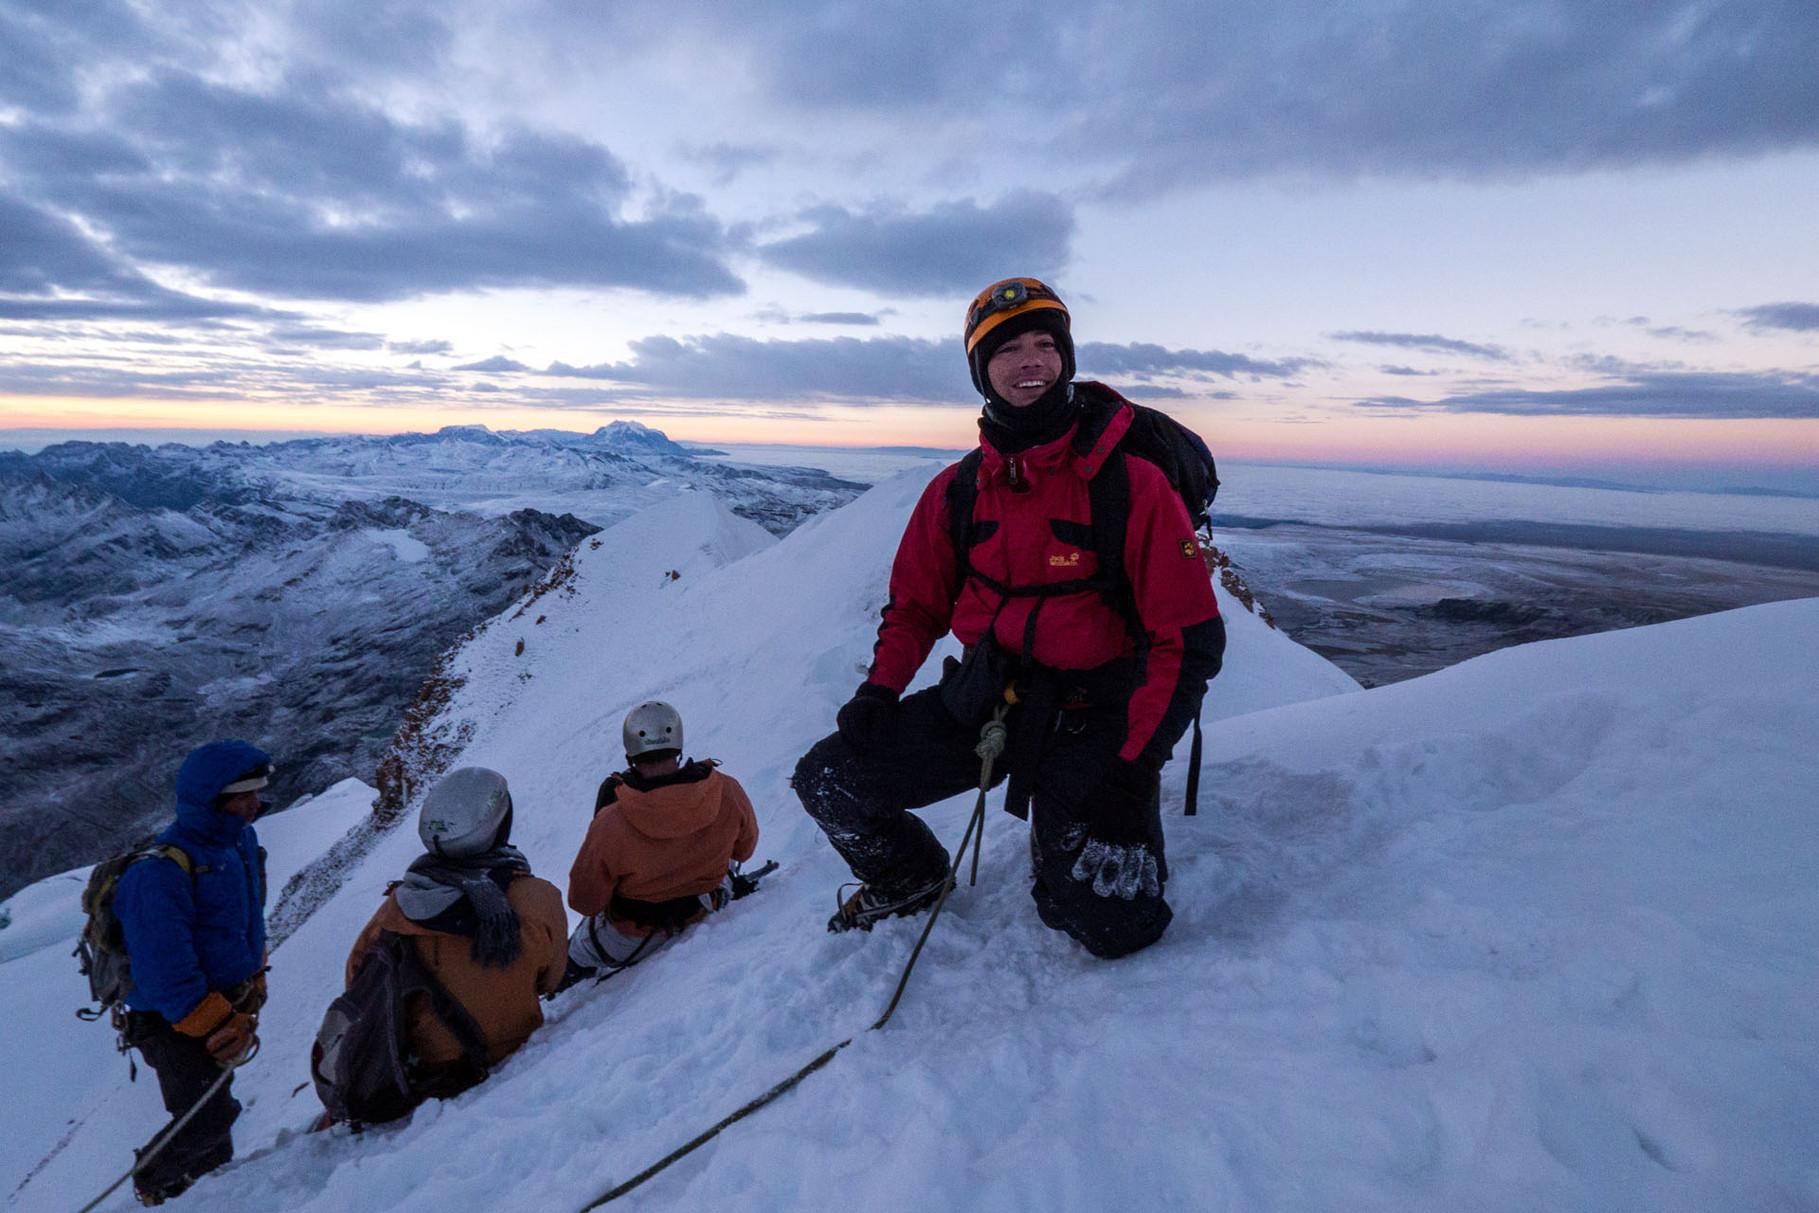 On the summit of Huayna Potosi